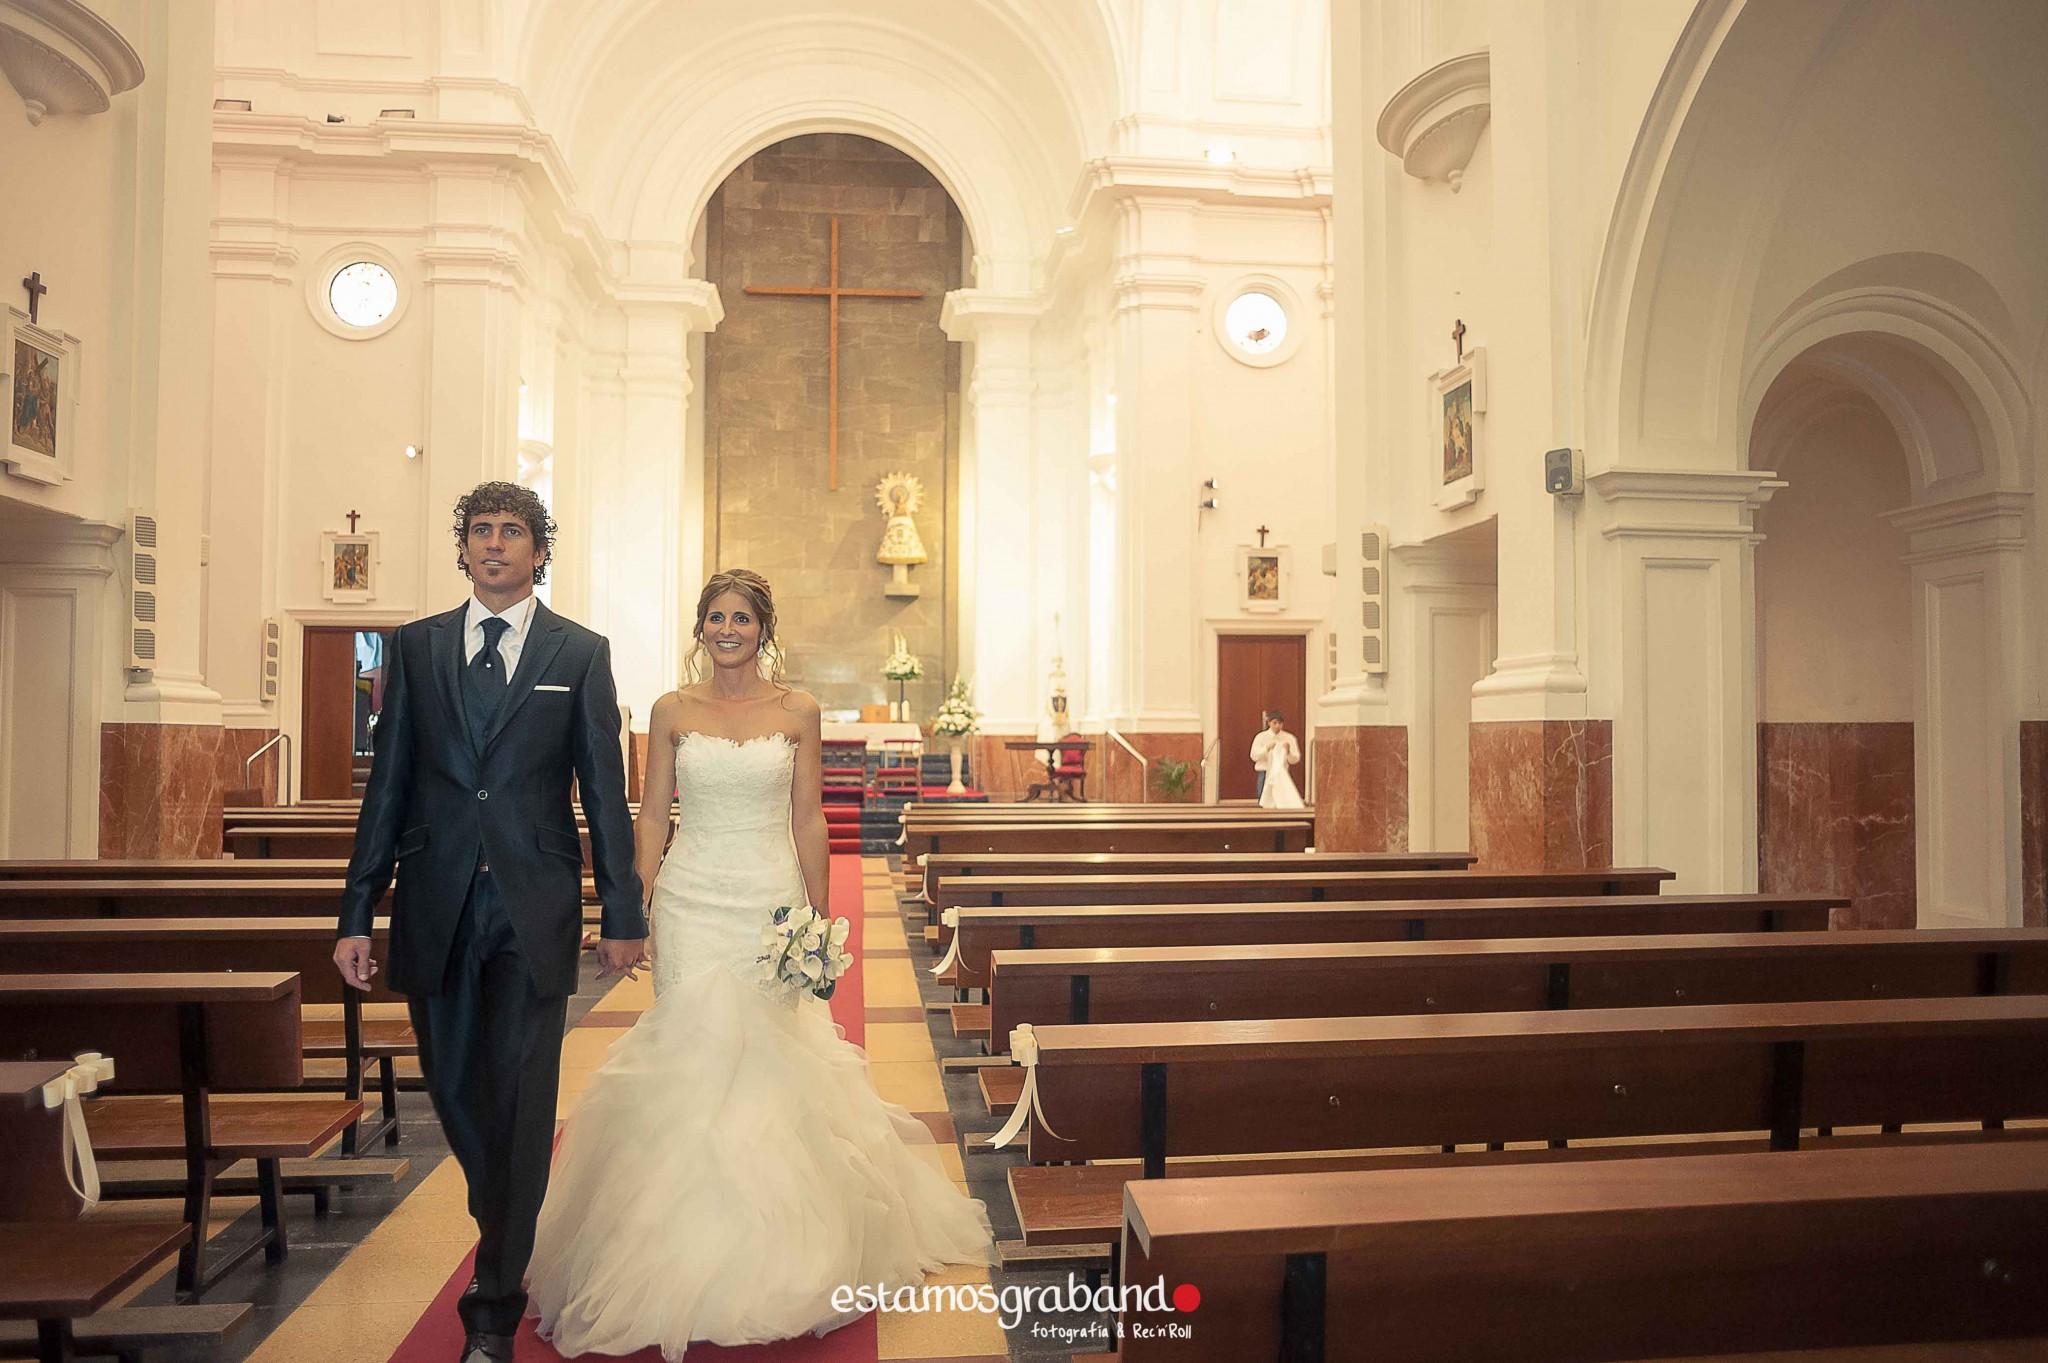 fotografia-de-boda_boda-en-cadiz_reportaje-de-fotos_boda-miriam-y-jesus-15 Emotions made in Cádiz [Fotografía de bodas en Cádiz] - video boda cadiz